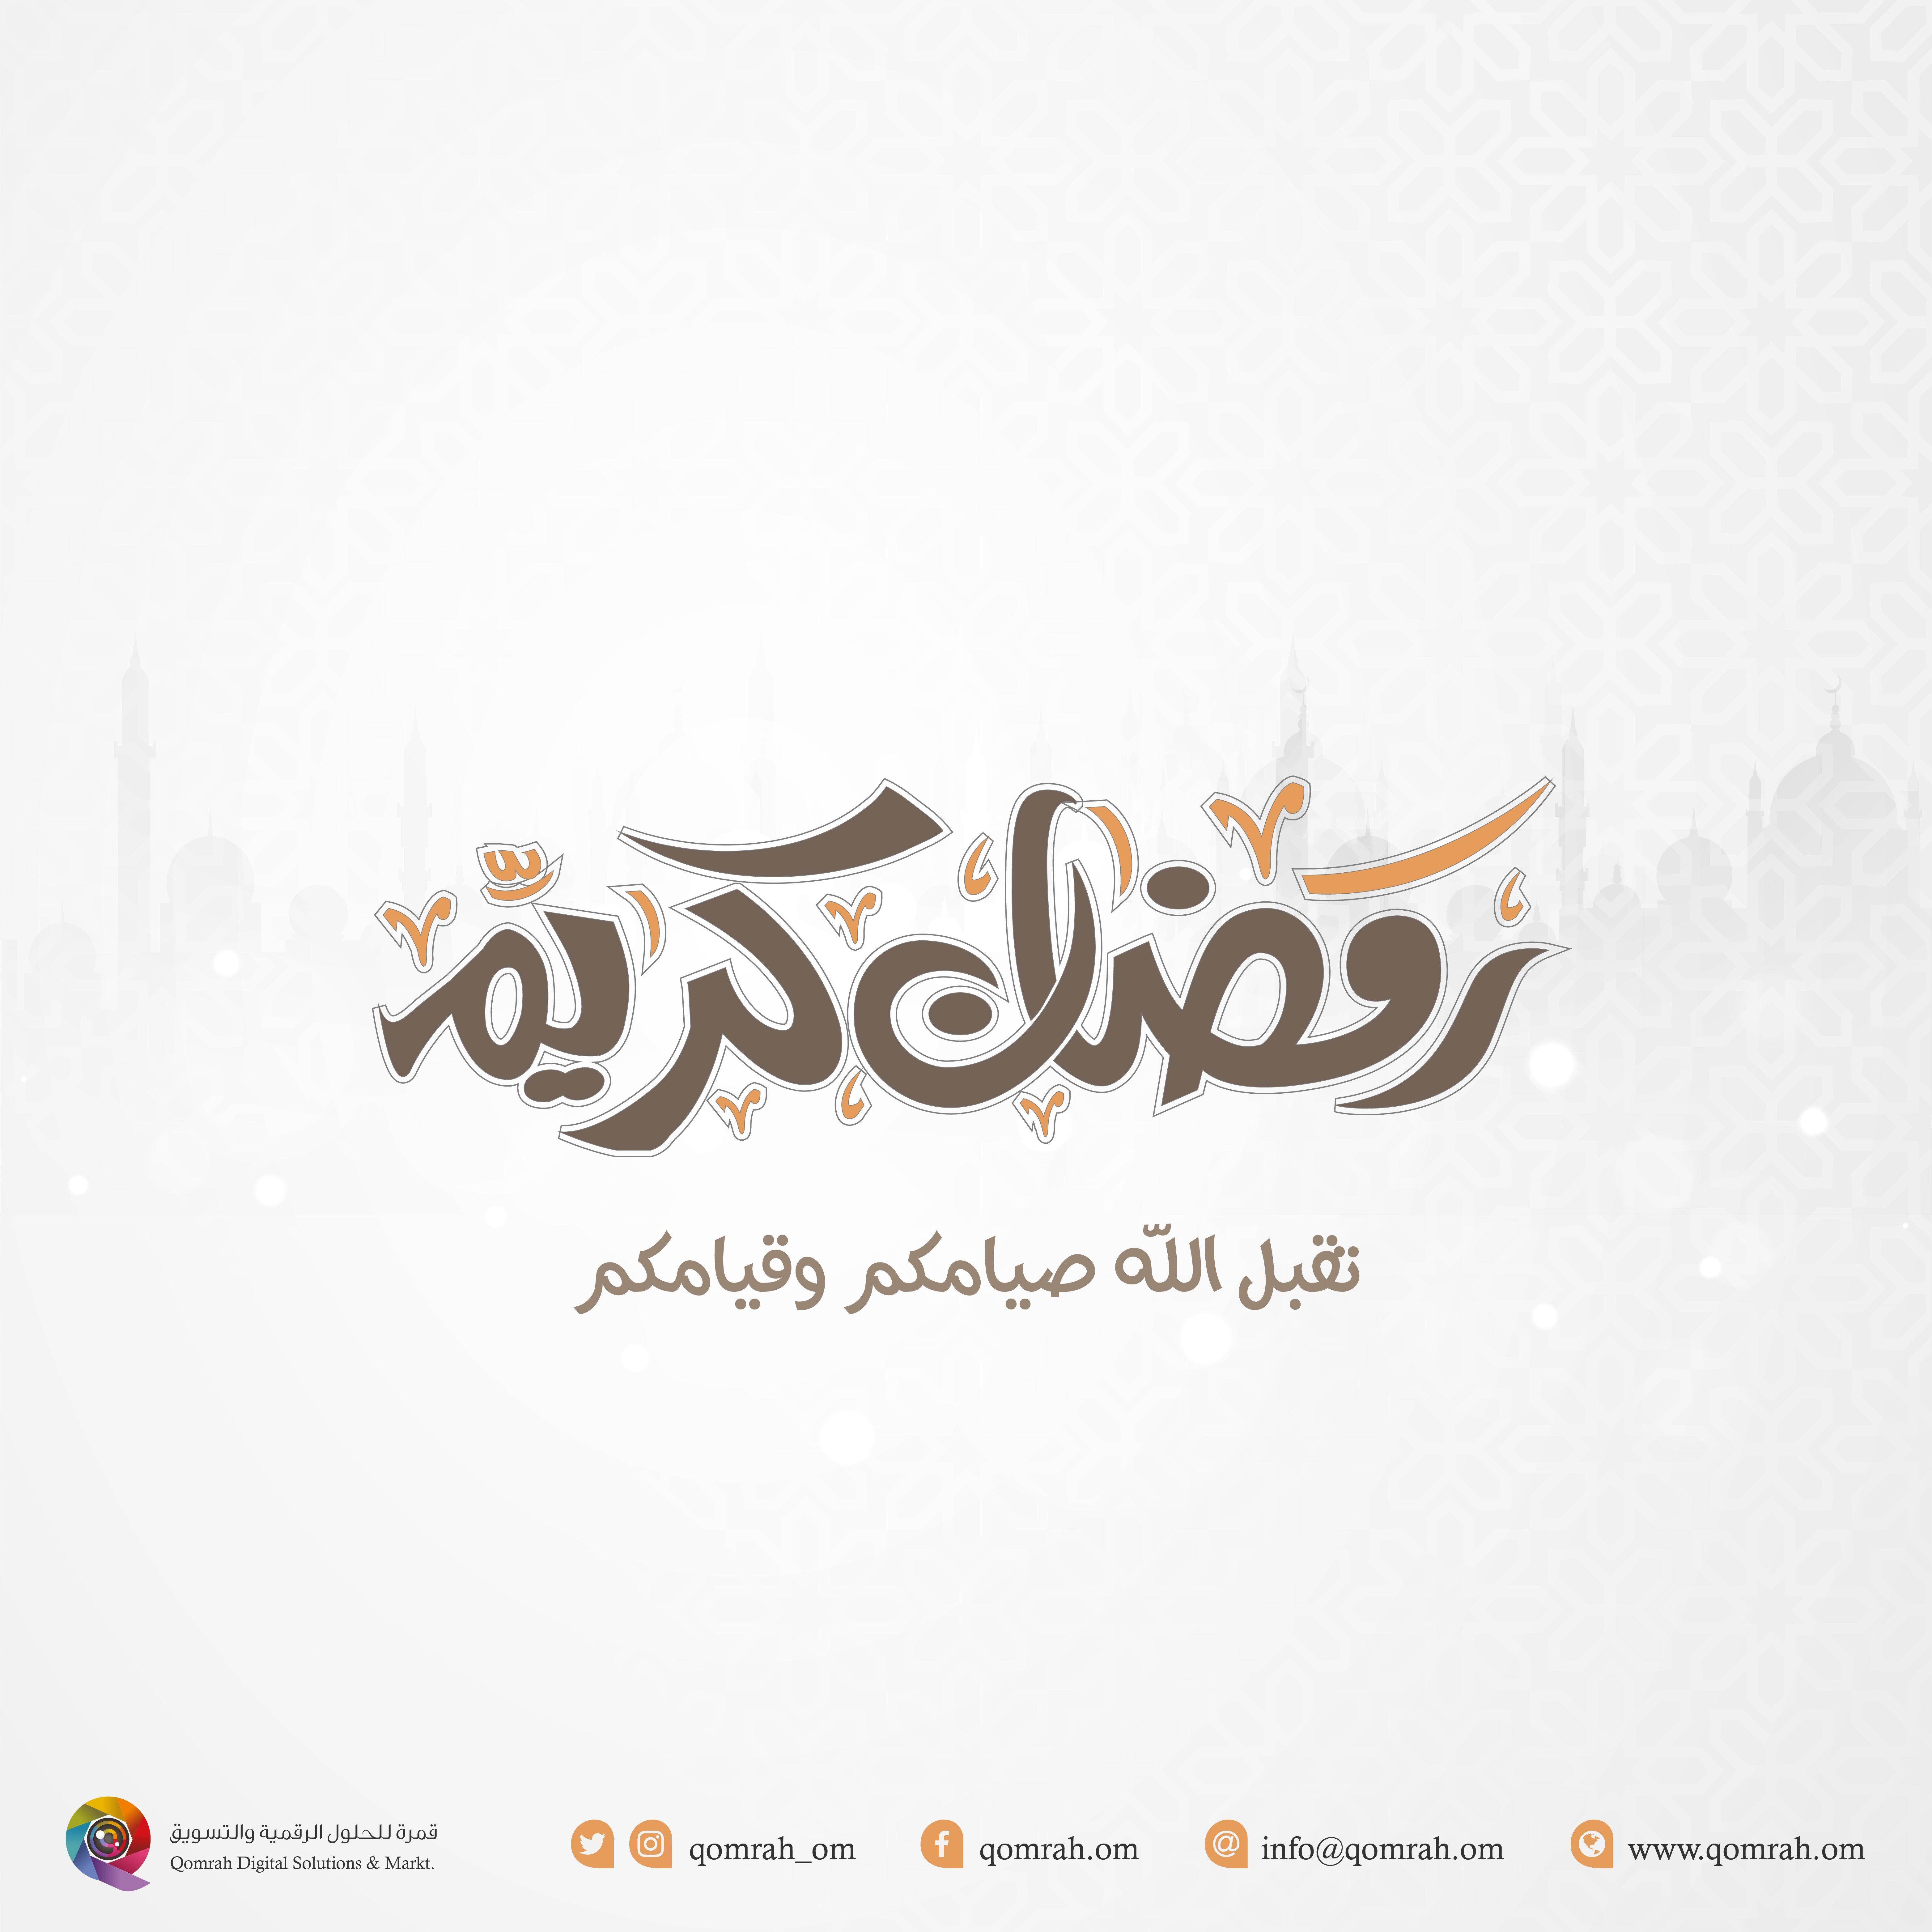 تقبل الله صيامكم وقيامكم رمضان كريم رمضان كريم Ramadan Greetings Ramadan Crafts Ramadan